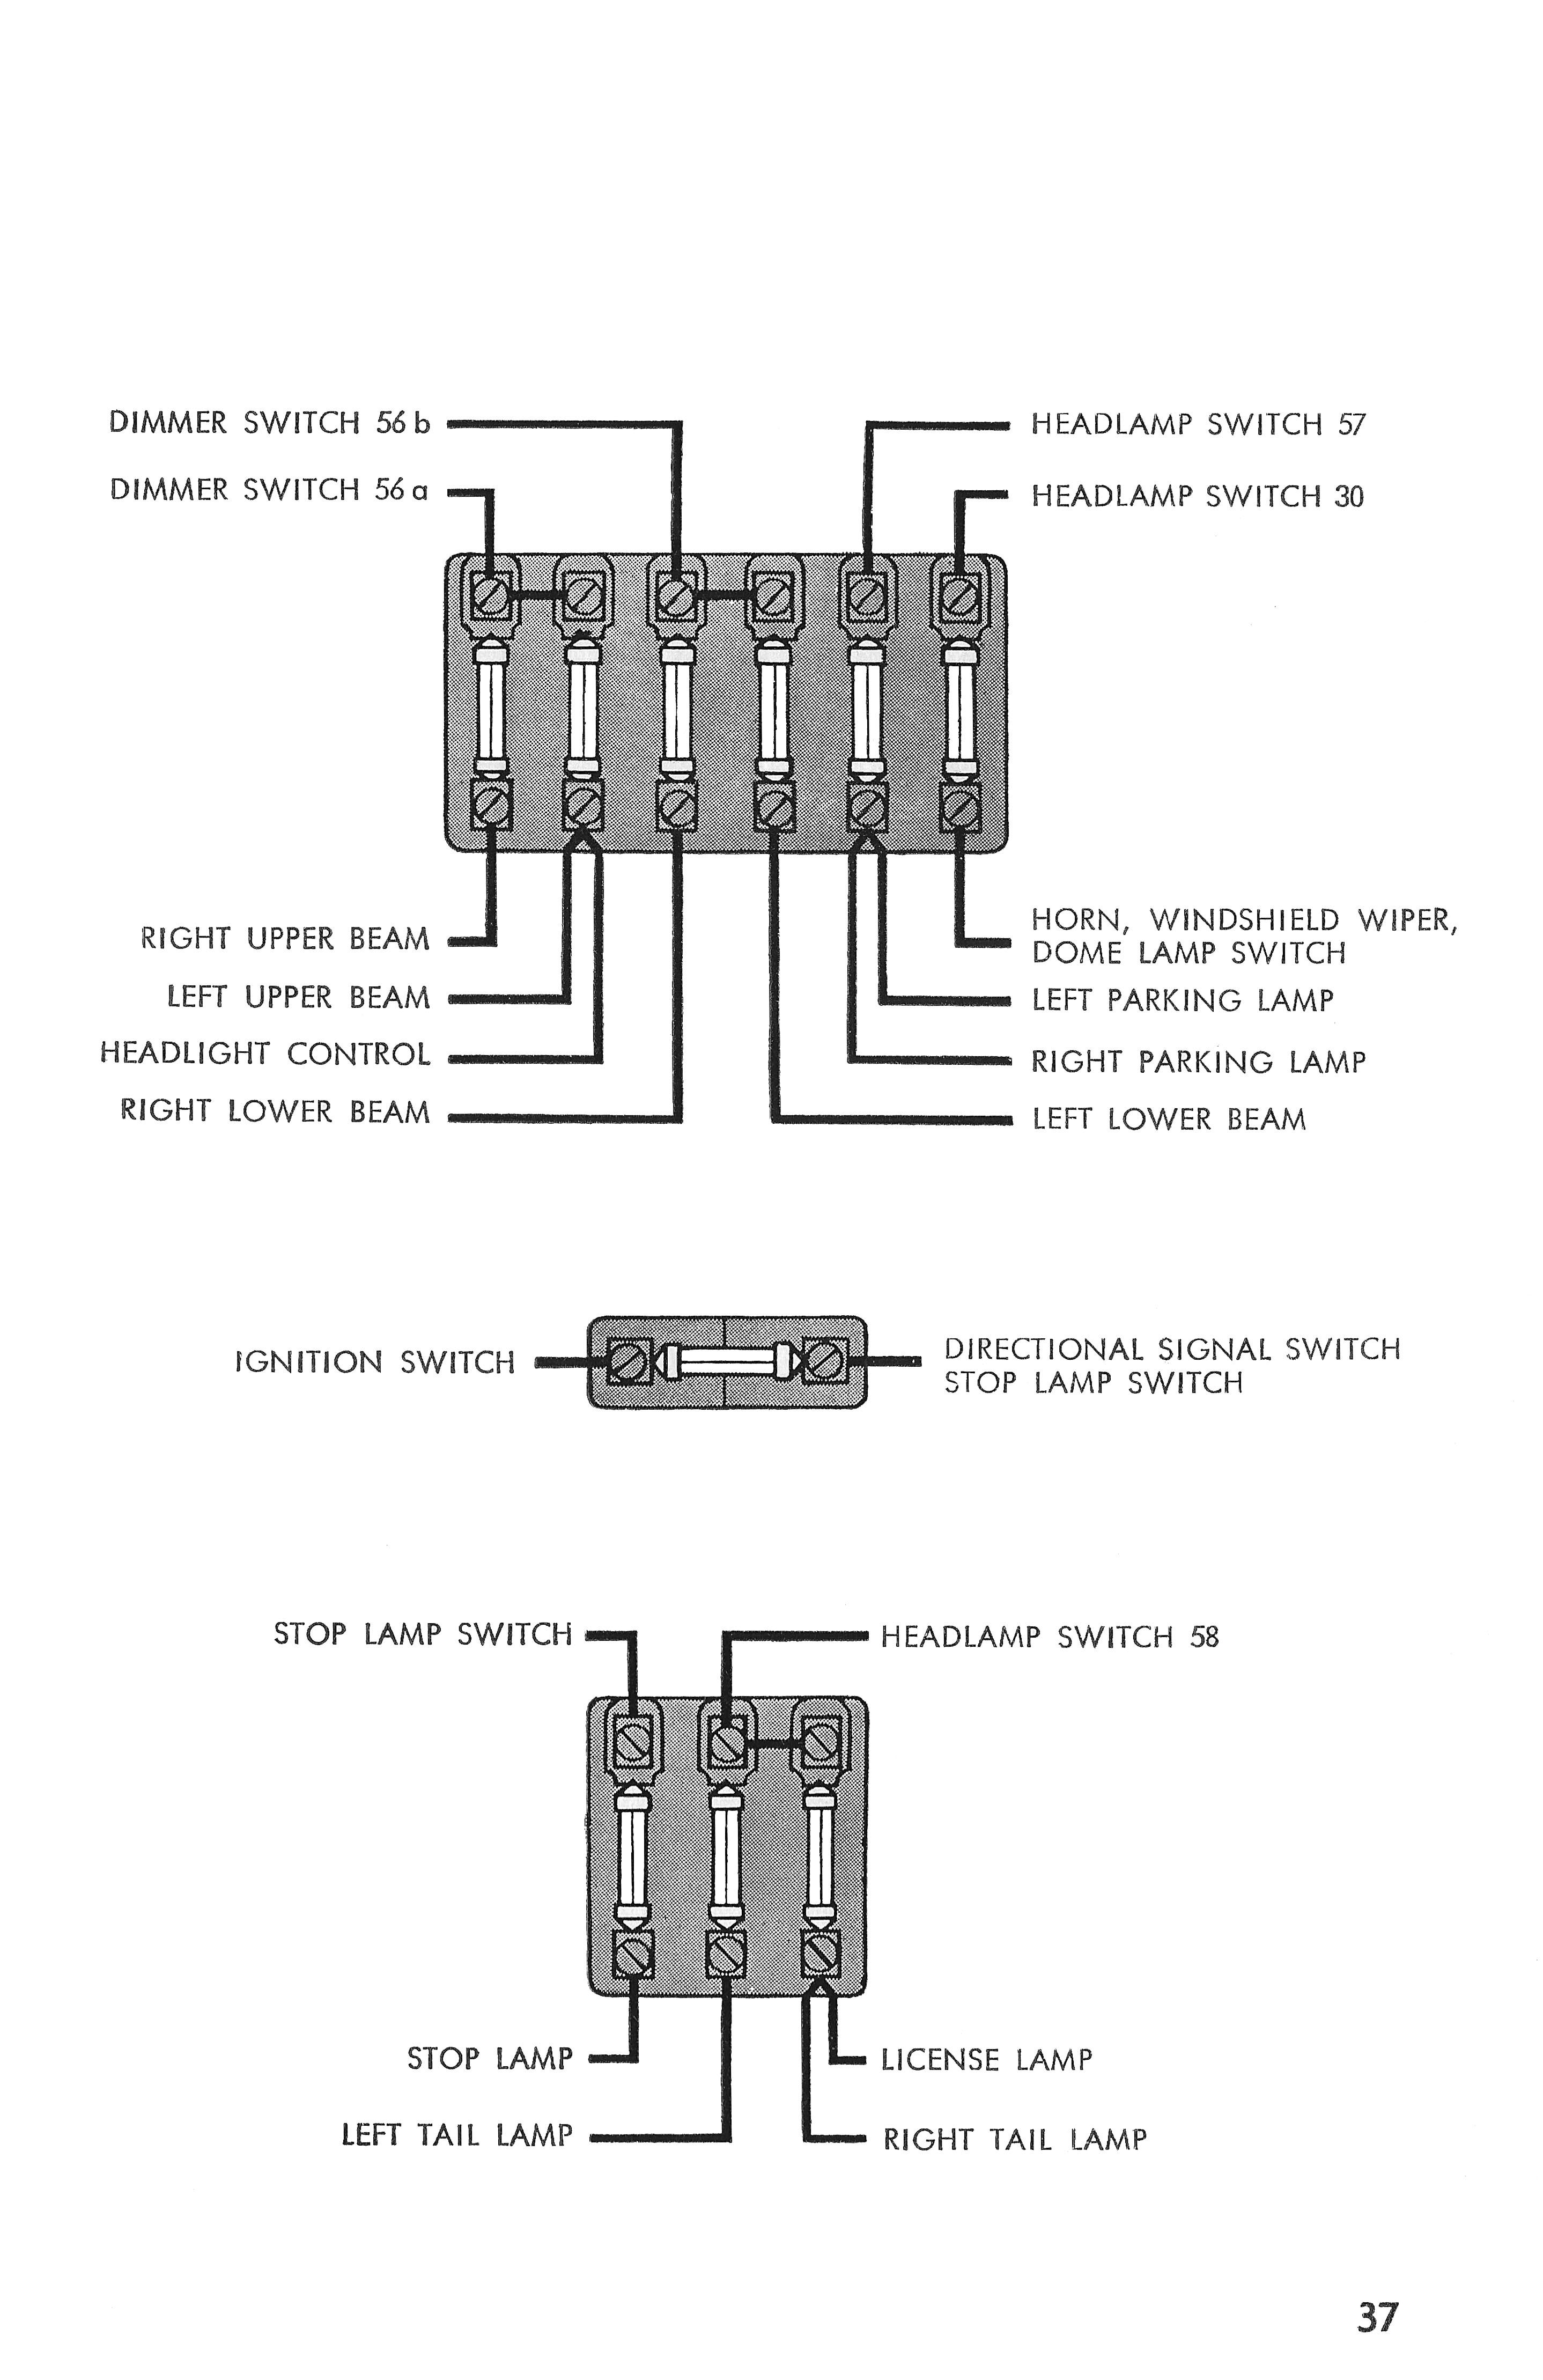 Car Dimmer Switch Wiring | Schematic Diagram - Headlight Dimmer Switch Wiring Diagram